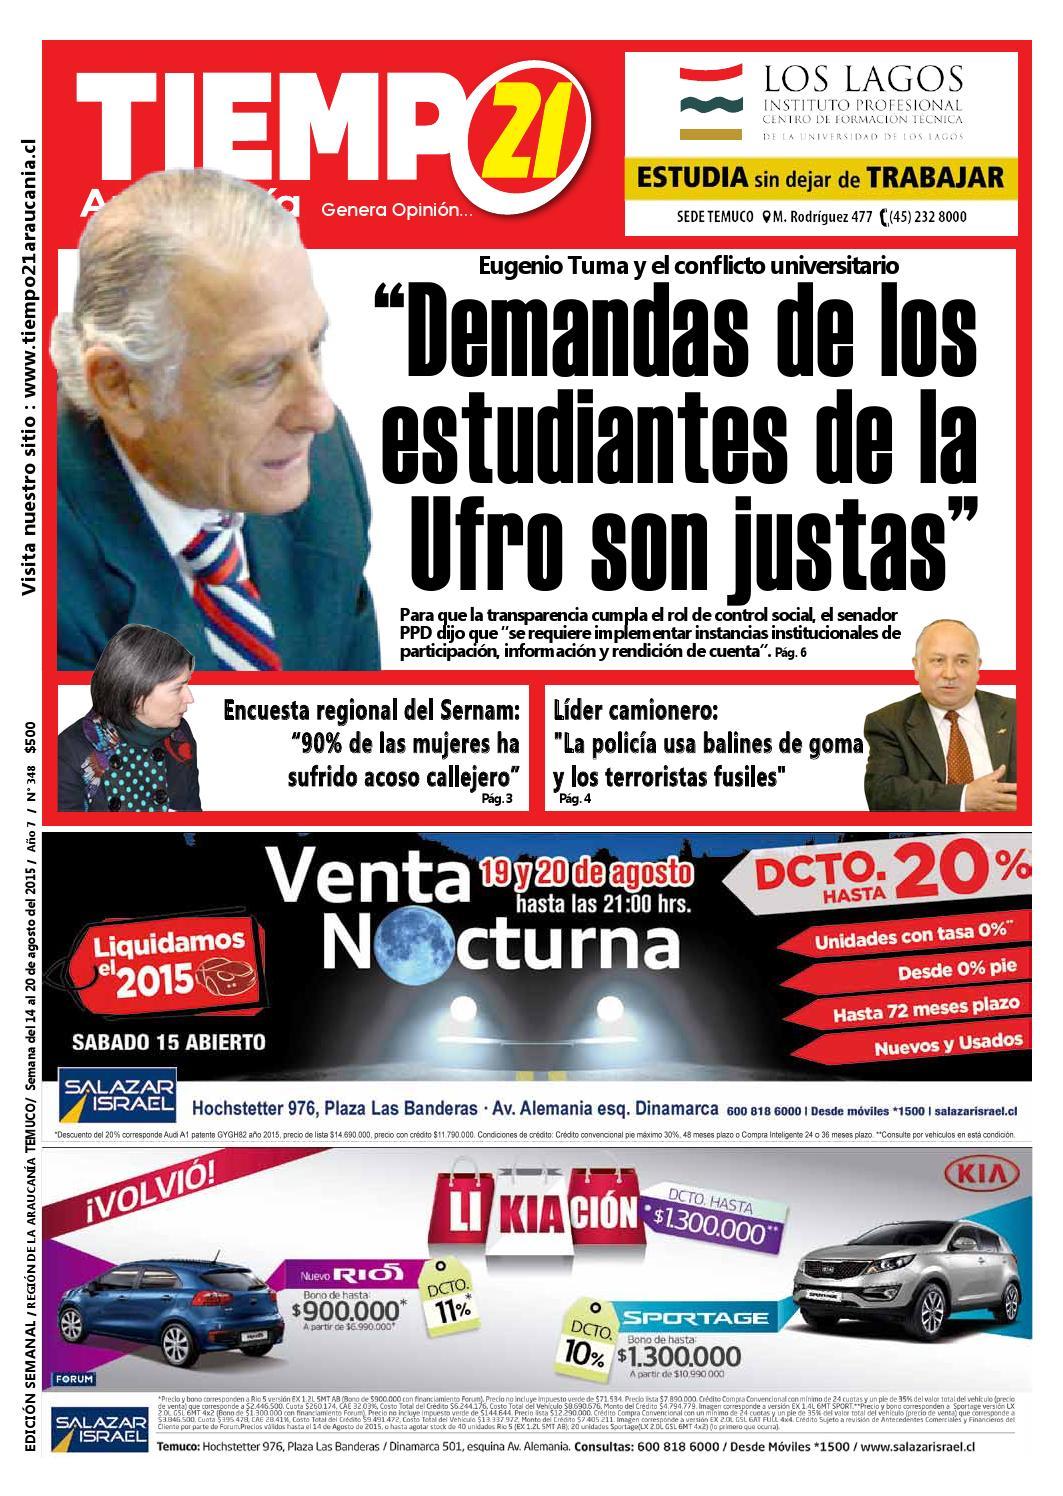 Edici N 348 Senador Tuma Demandas De Los Estudiantes De La Ufro  # Muebles Cid Lican Ray